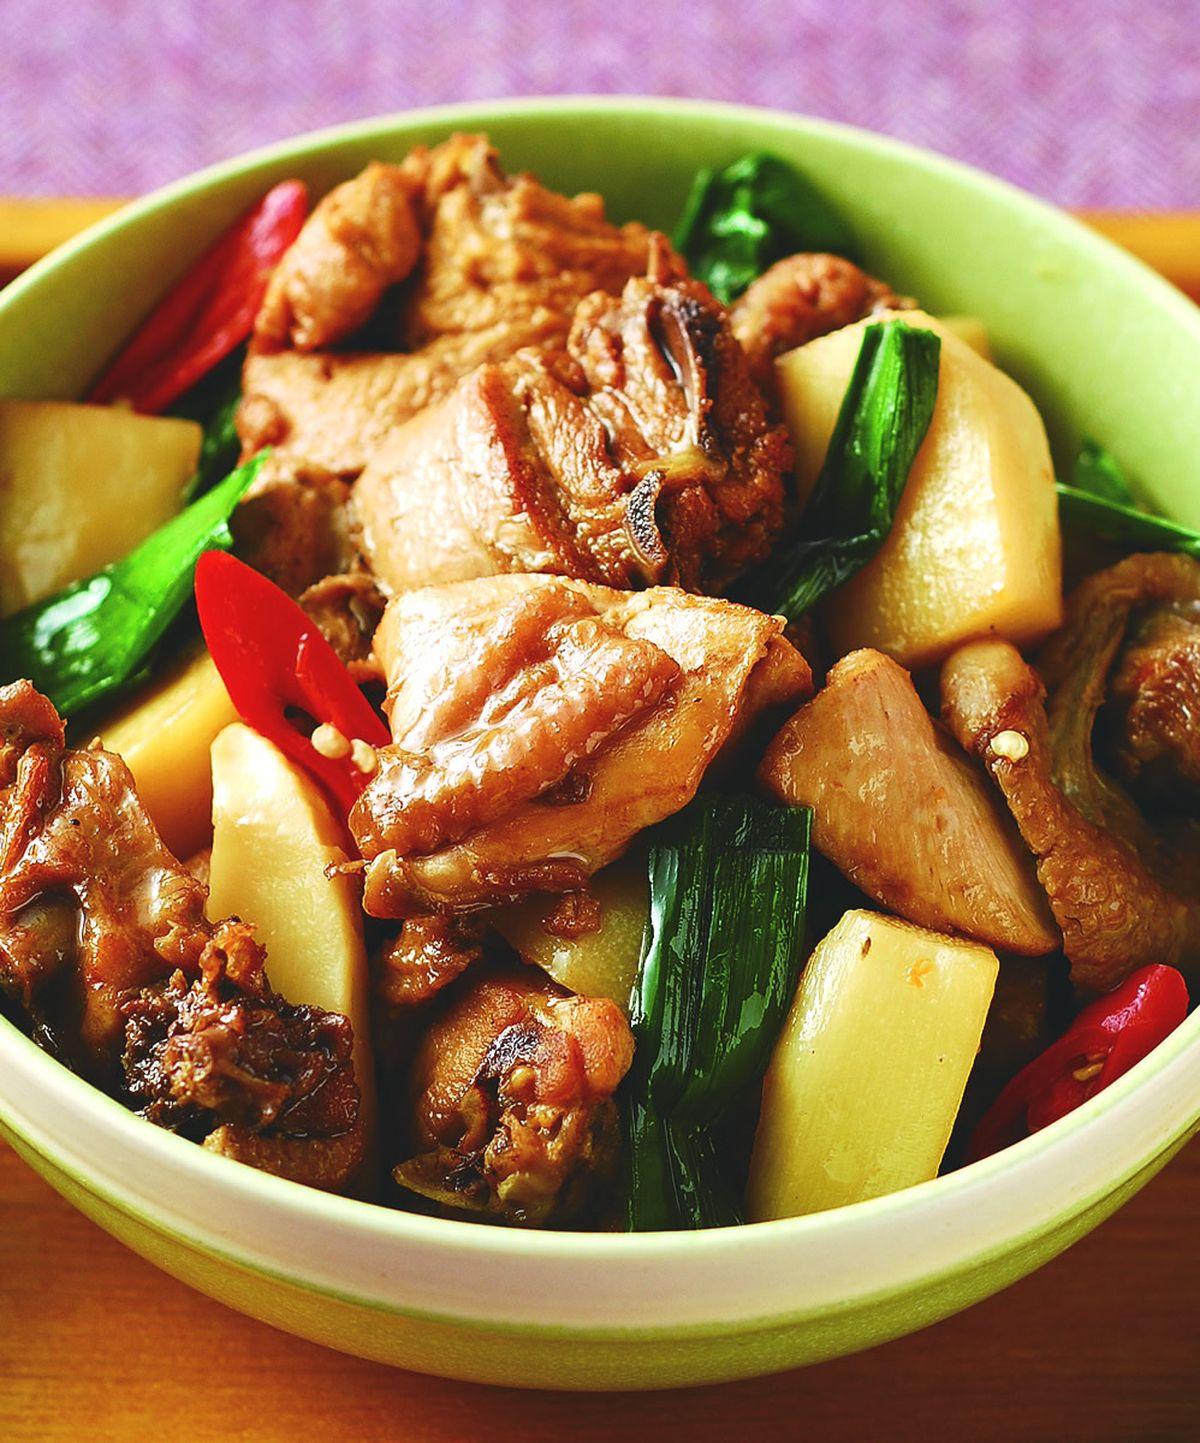 食譜:綠竹筍滷肉